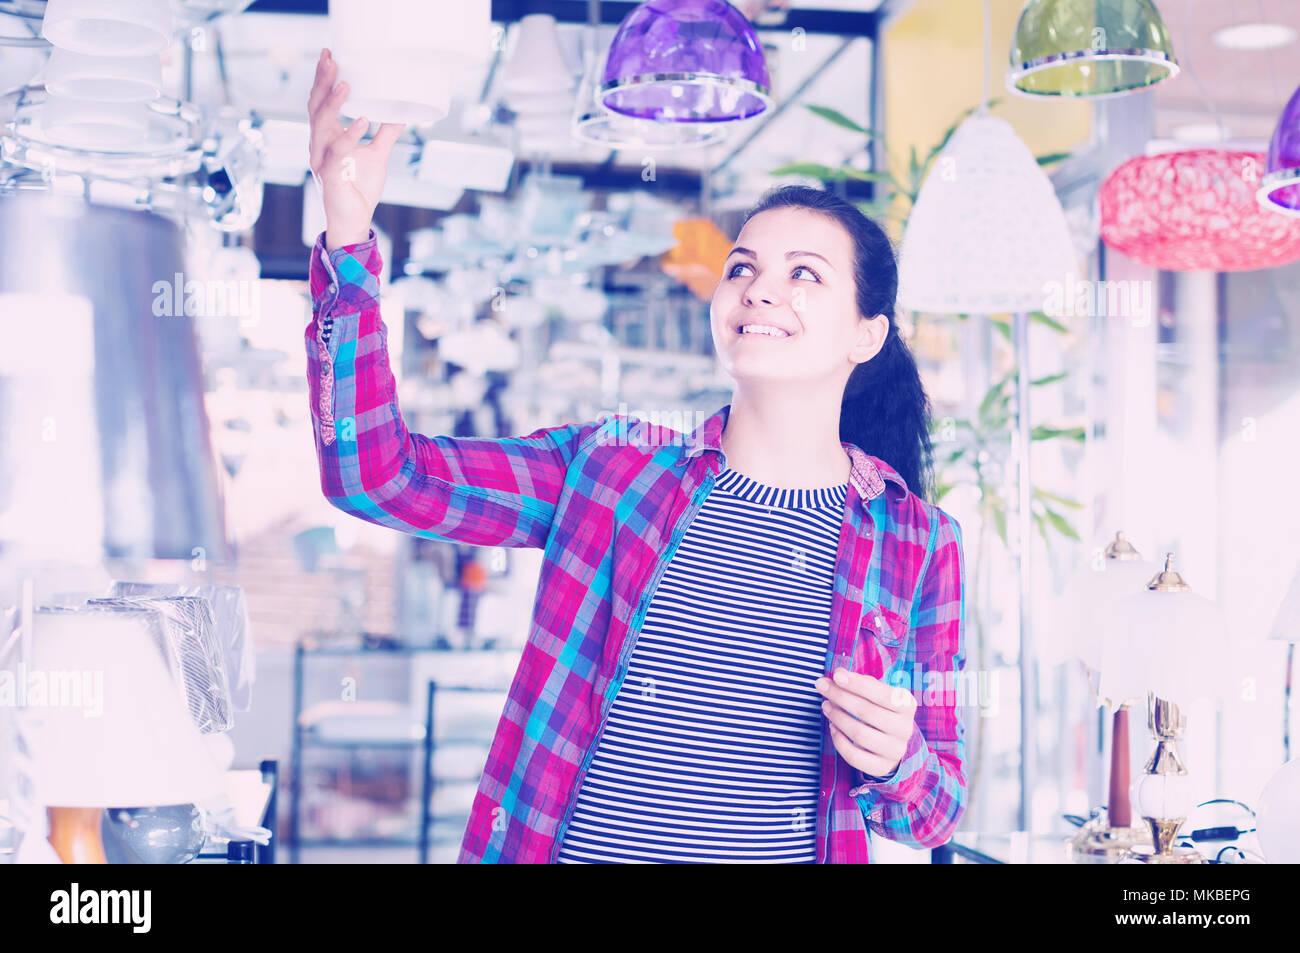 Kronleuchter Für Mädchen ~ Jungen englischen mädchen in leichter shop auswahl moderne